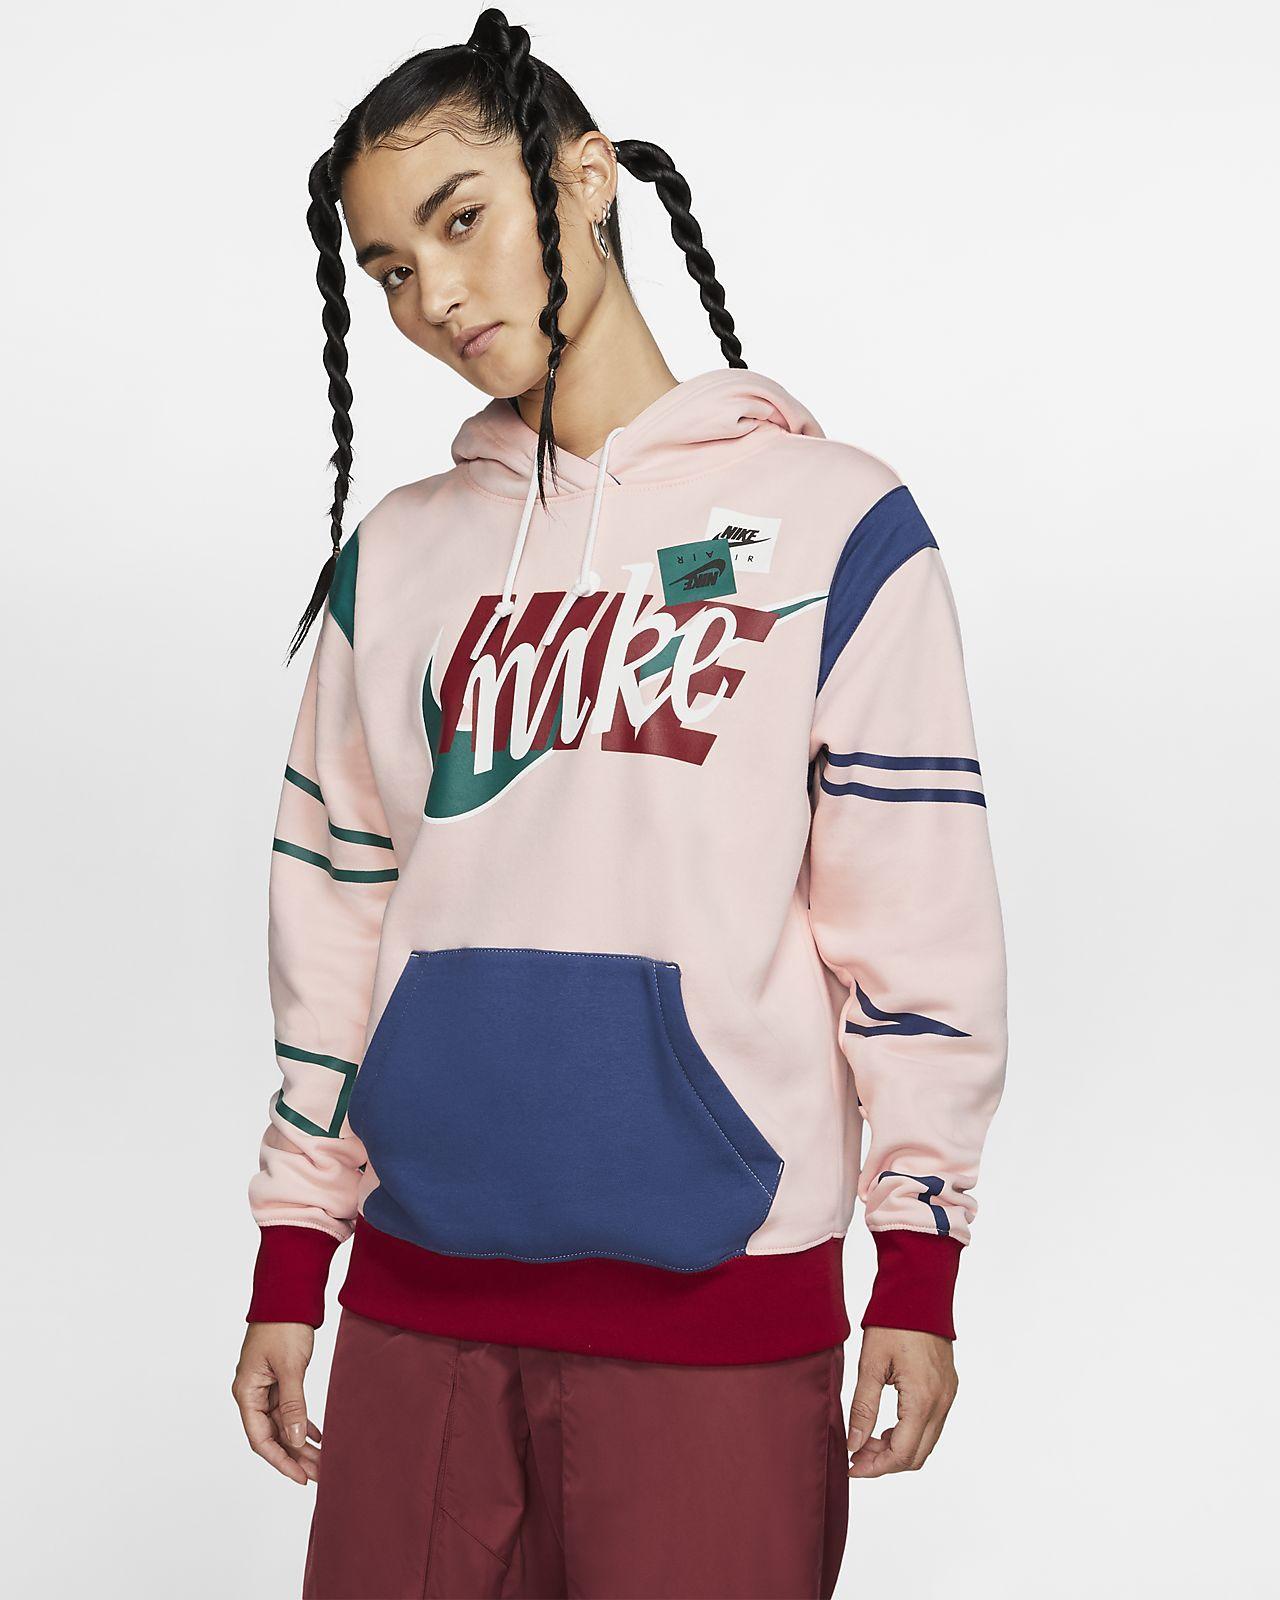 Nike Sportswear Women S Af1 Pullover Hoodie Nike Com Nike Sportswear Women Women Hoodies Sweatshirts Nike Sportswear [ 1600 x 1280 Pixel ]